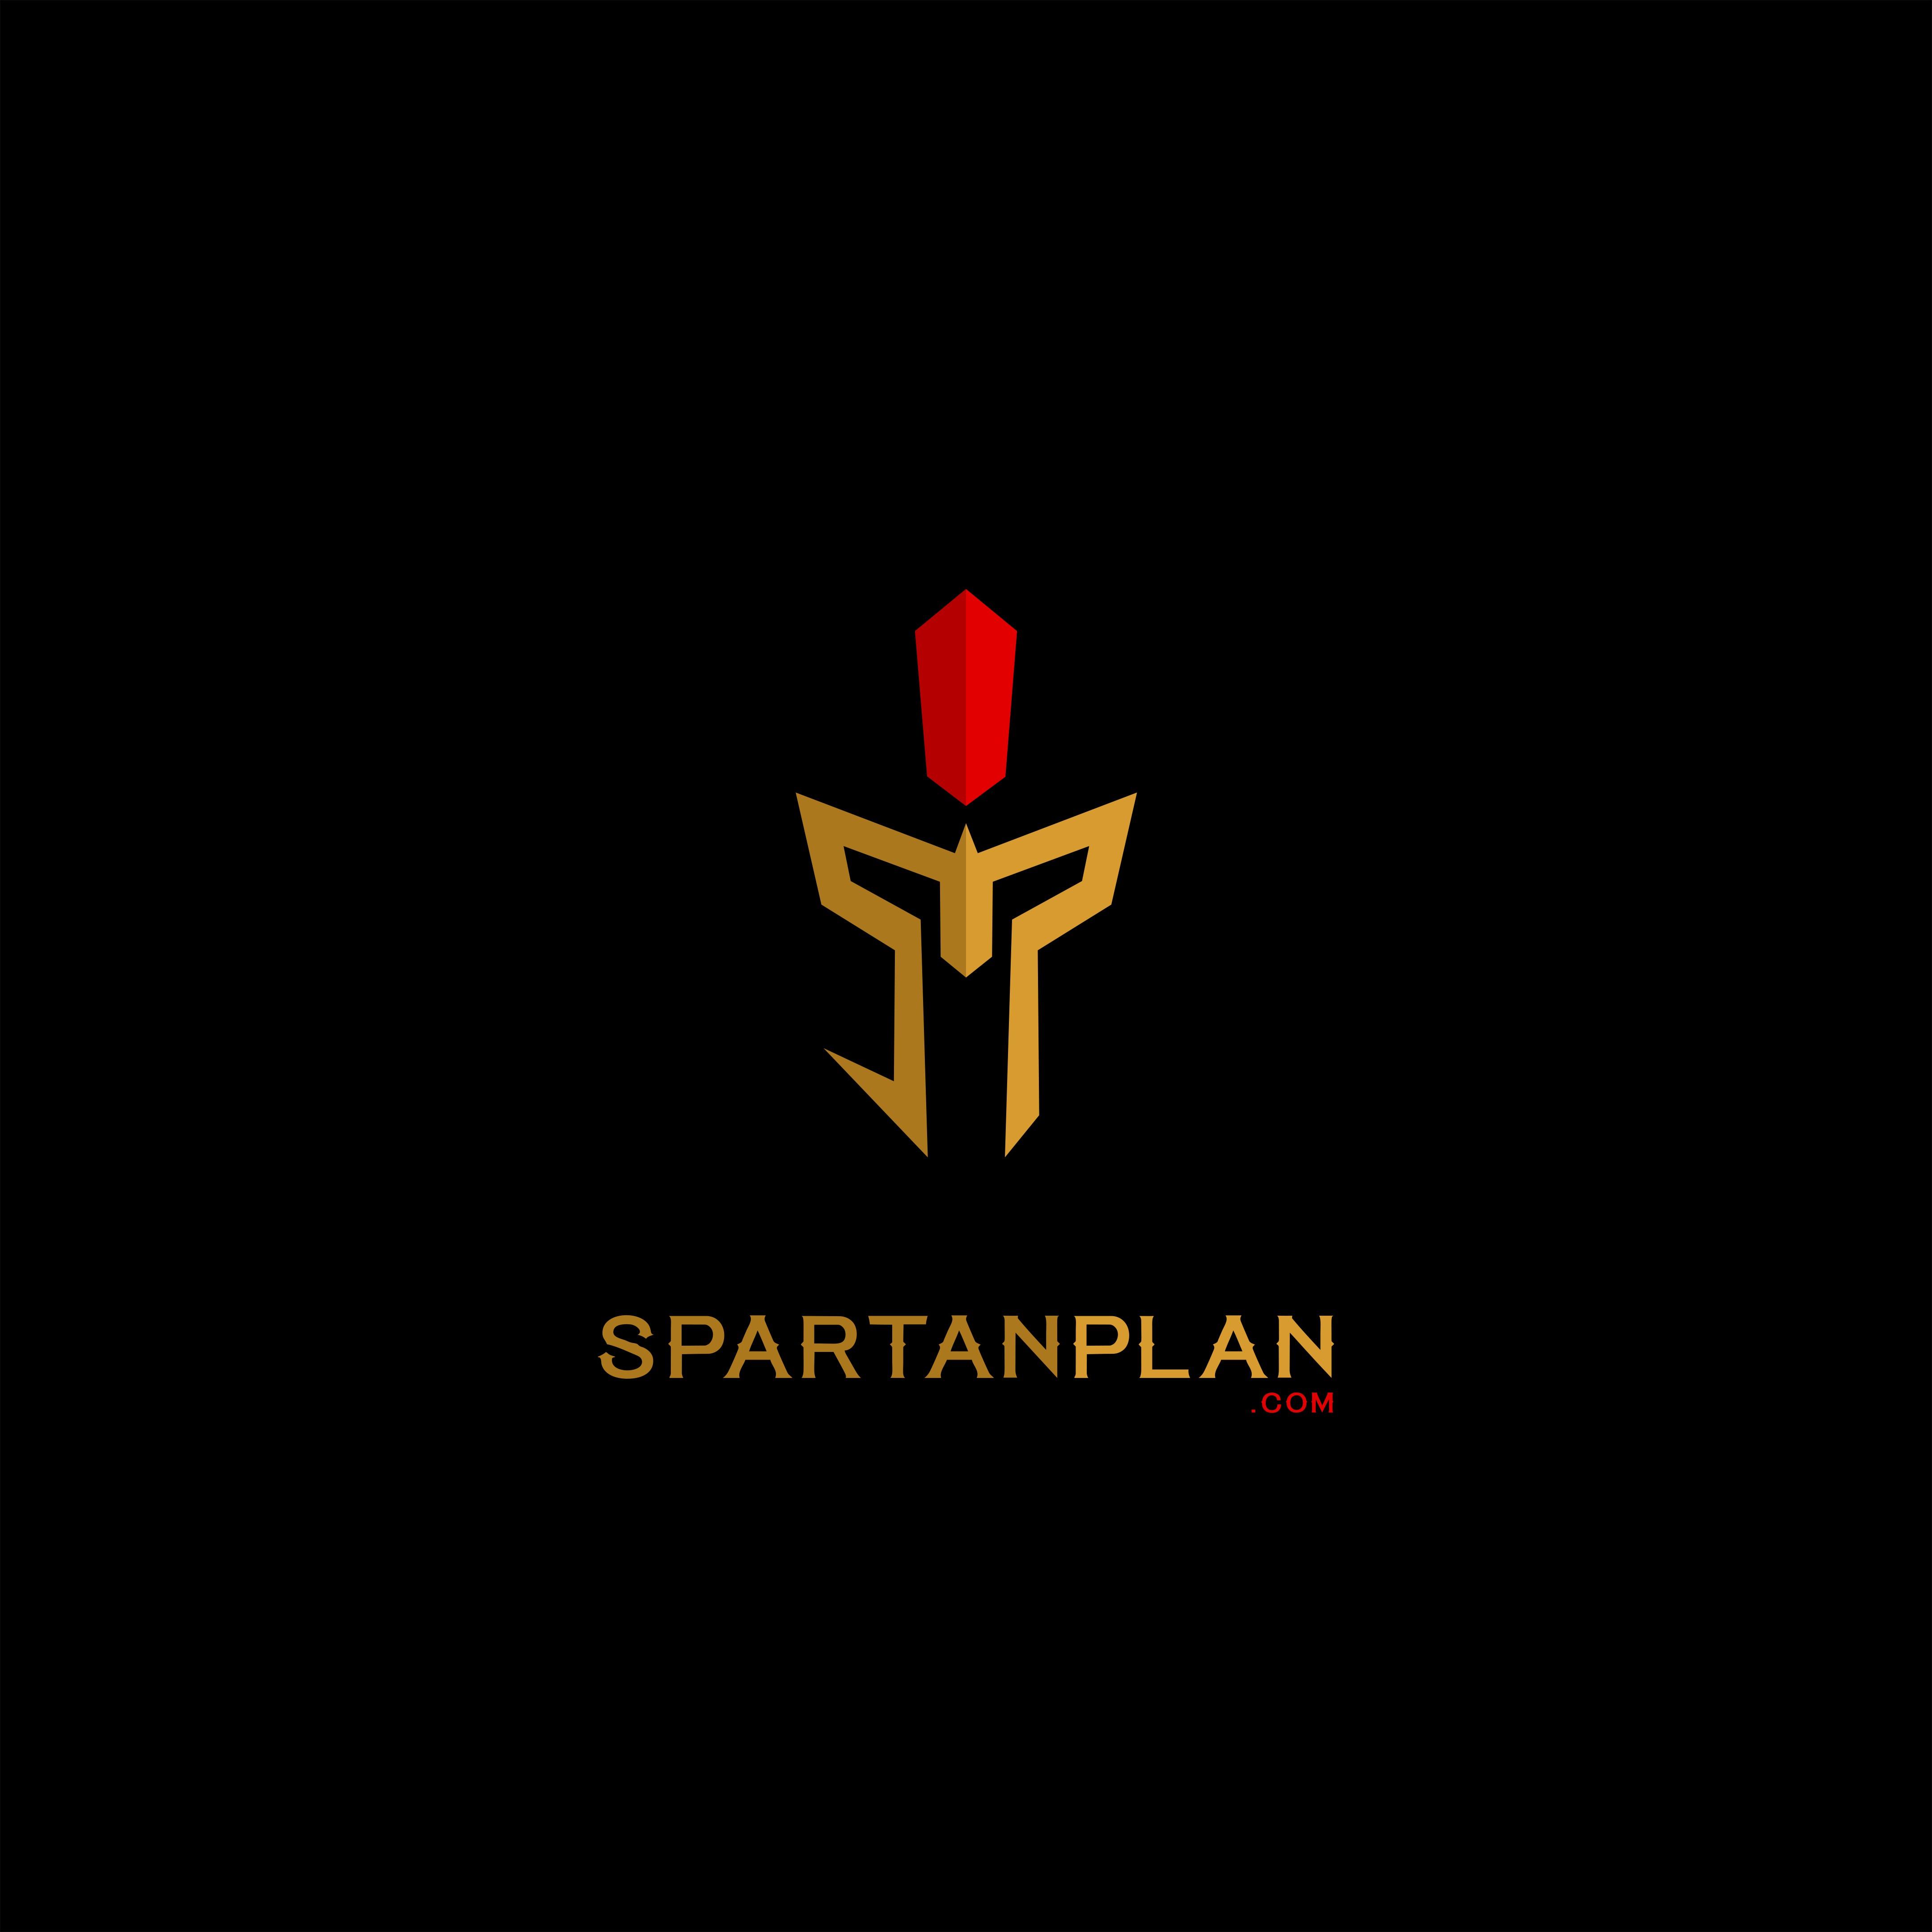 Create a logo for SpartanPlan.com!